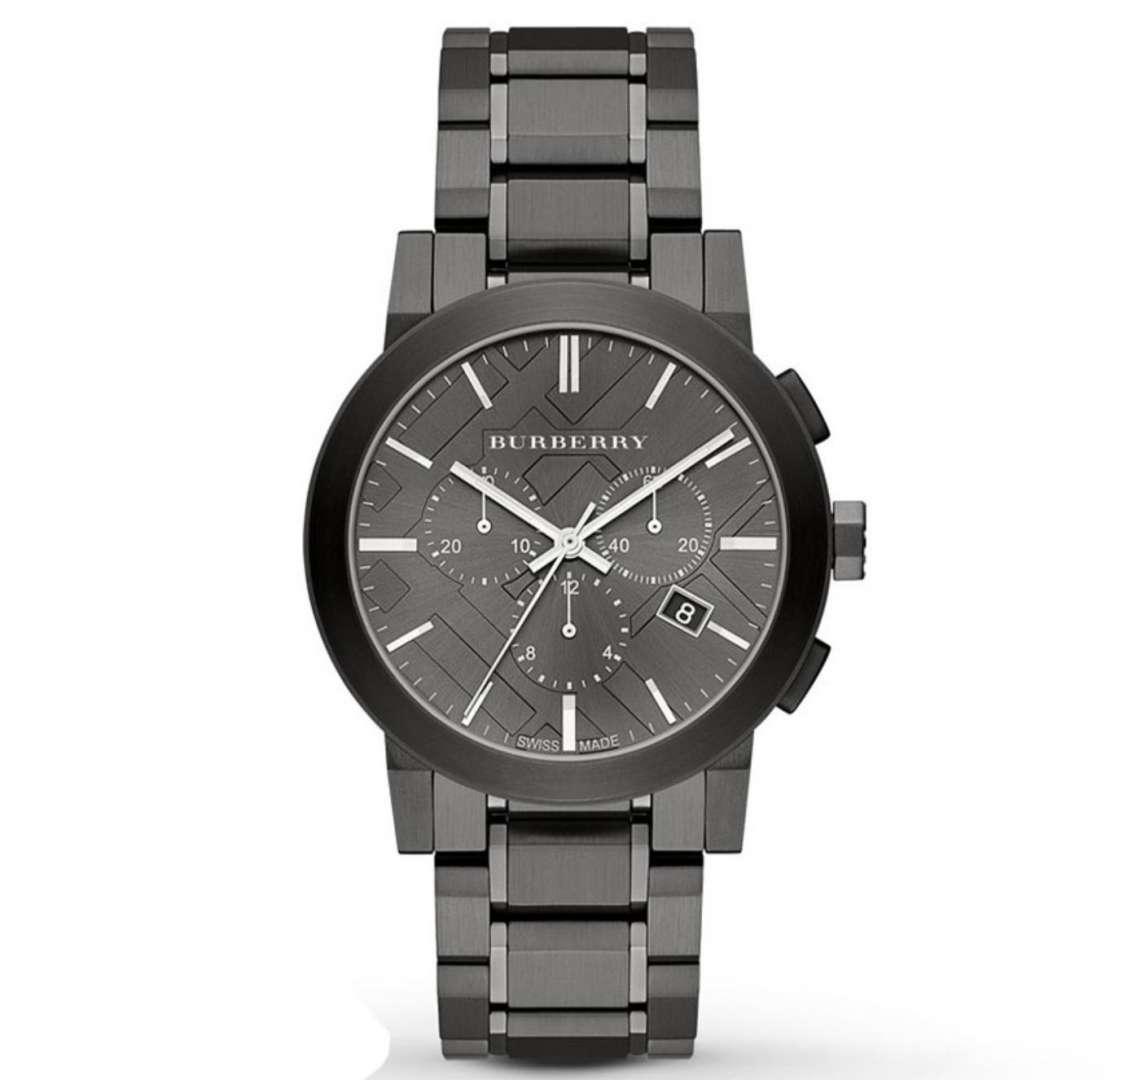 שעון יד אנלוגי burberry bu9354 ברברי